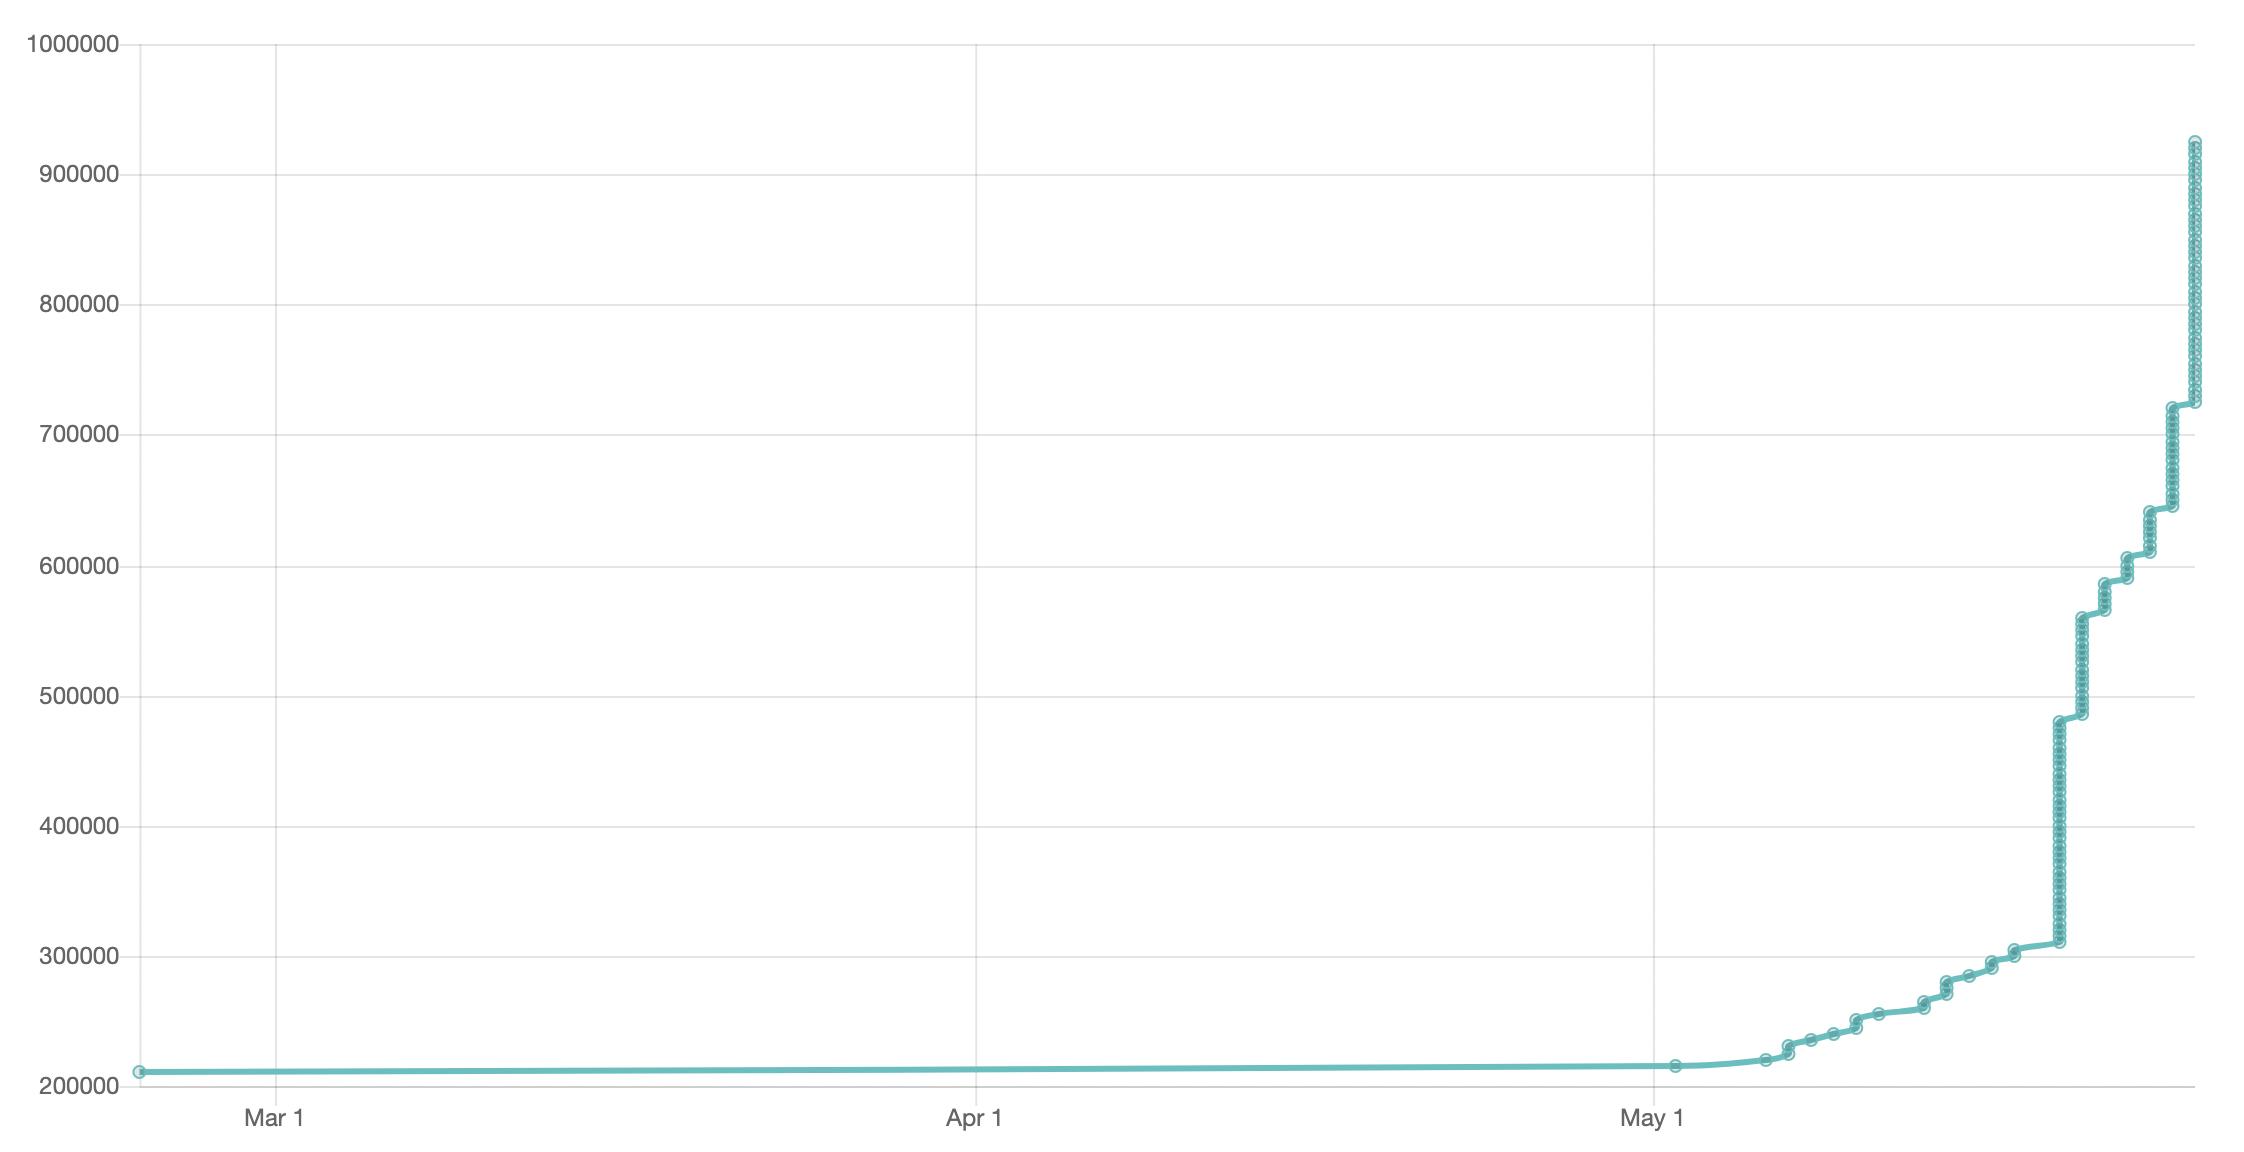 Sedat Peker'in Twitter takipçilerinin zaman içindeki artışı